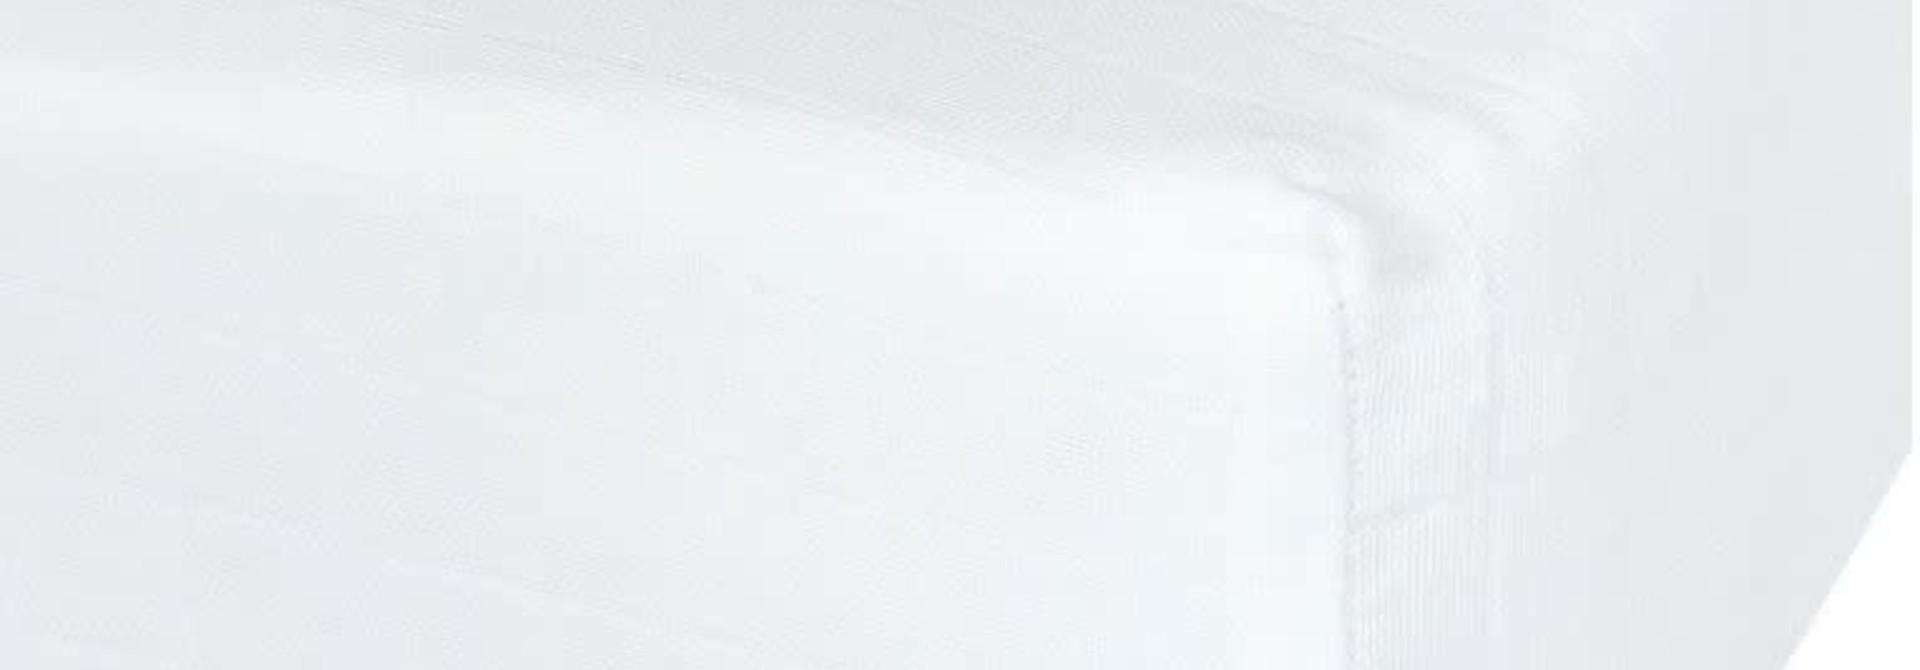 Drap contour en mousseline - Blanc